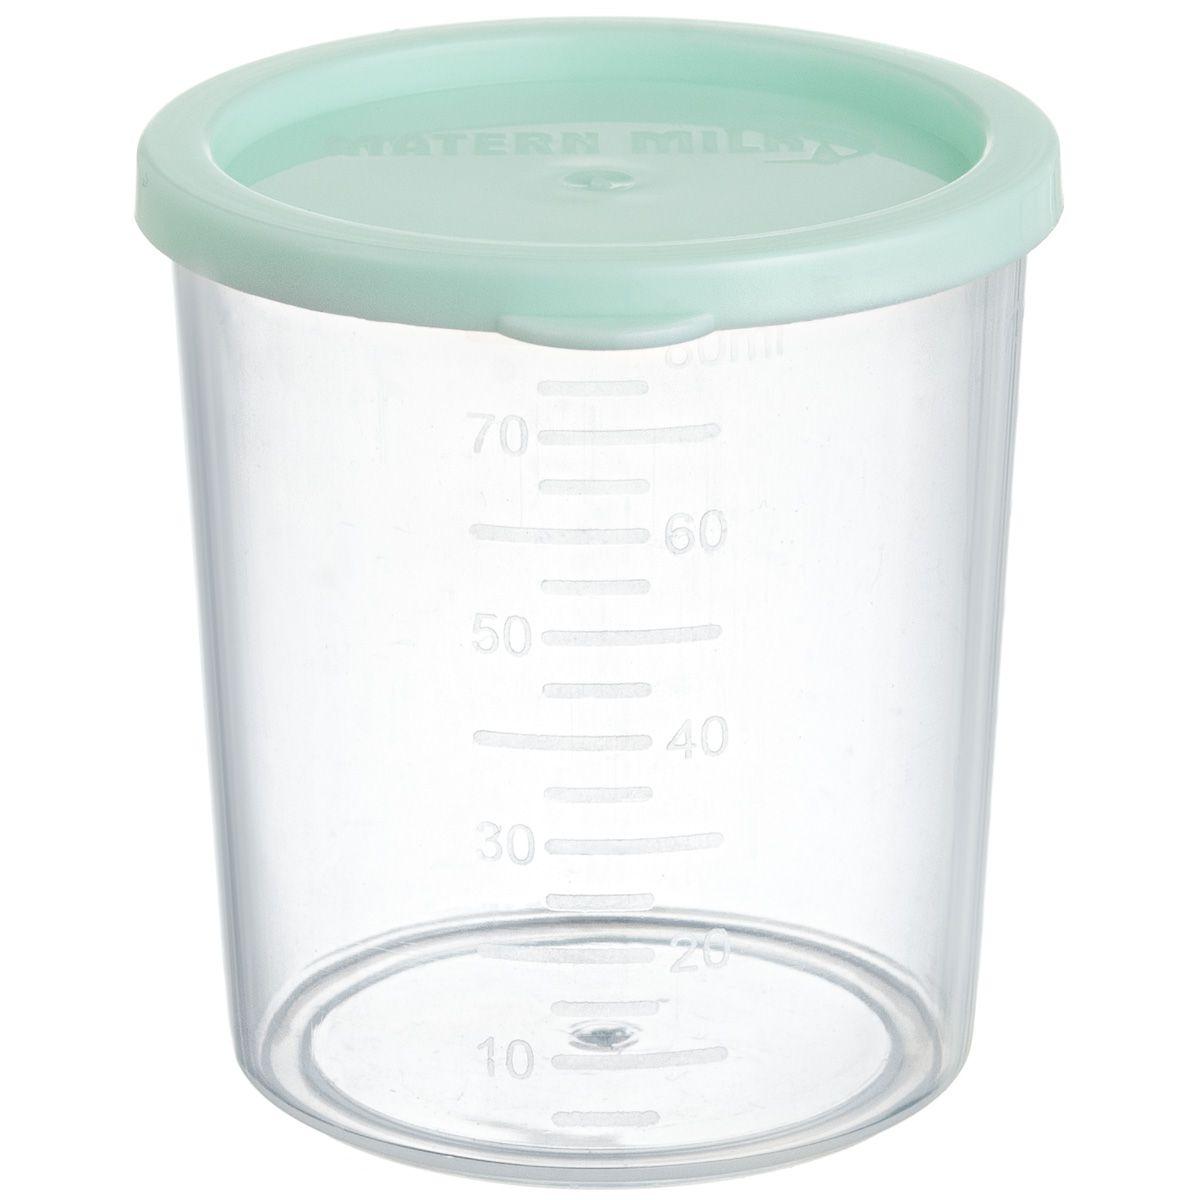 Copo de Aleitamento Materno Verde, 80 ml, (kit com 250 unid. a granel). polipropileno atóxico,graduação de 10 em 10 ml  Matern Milk.